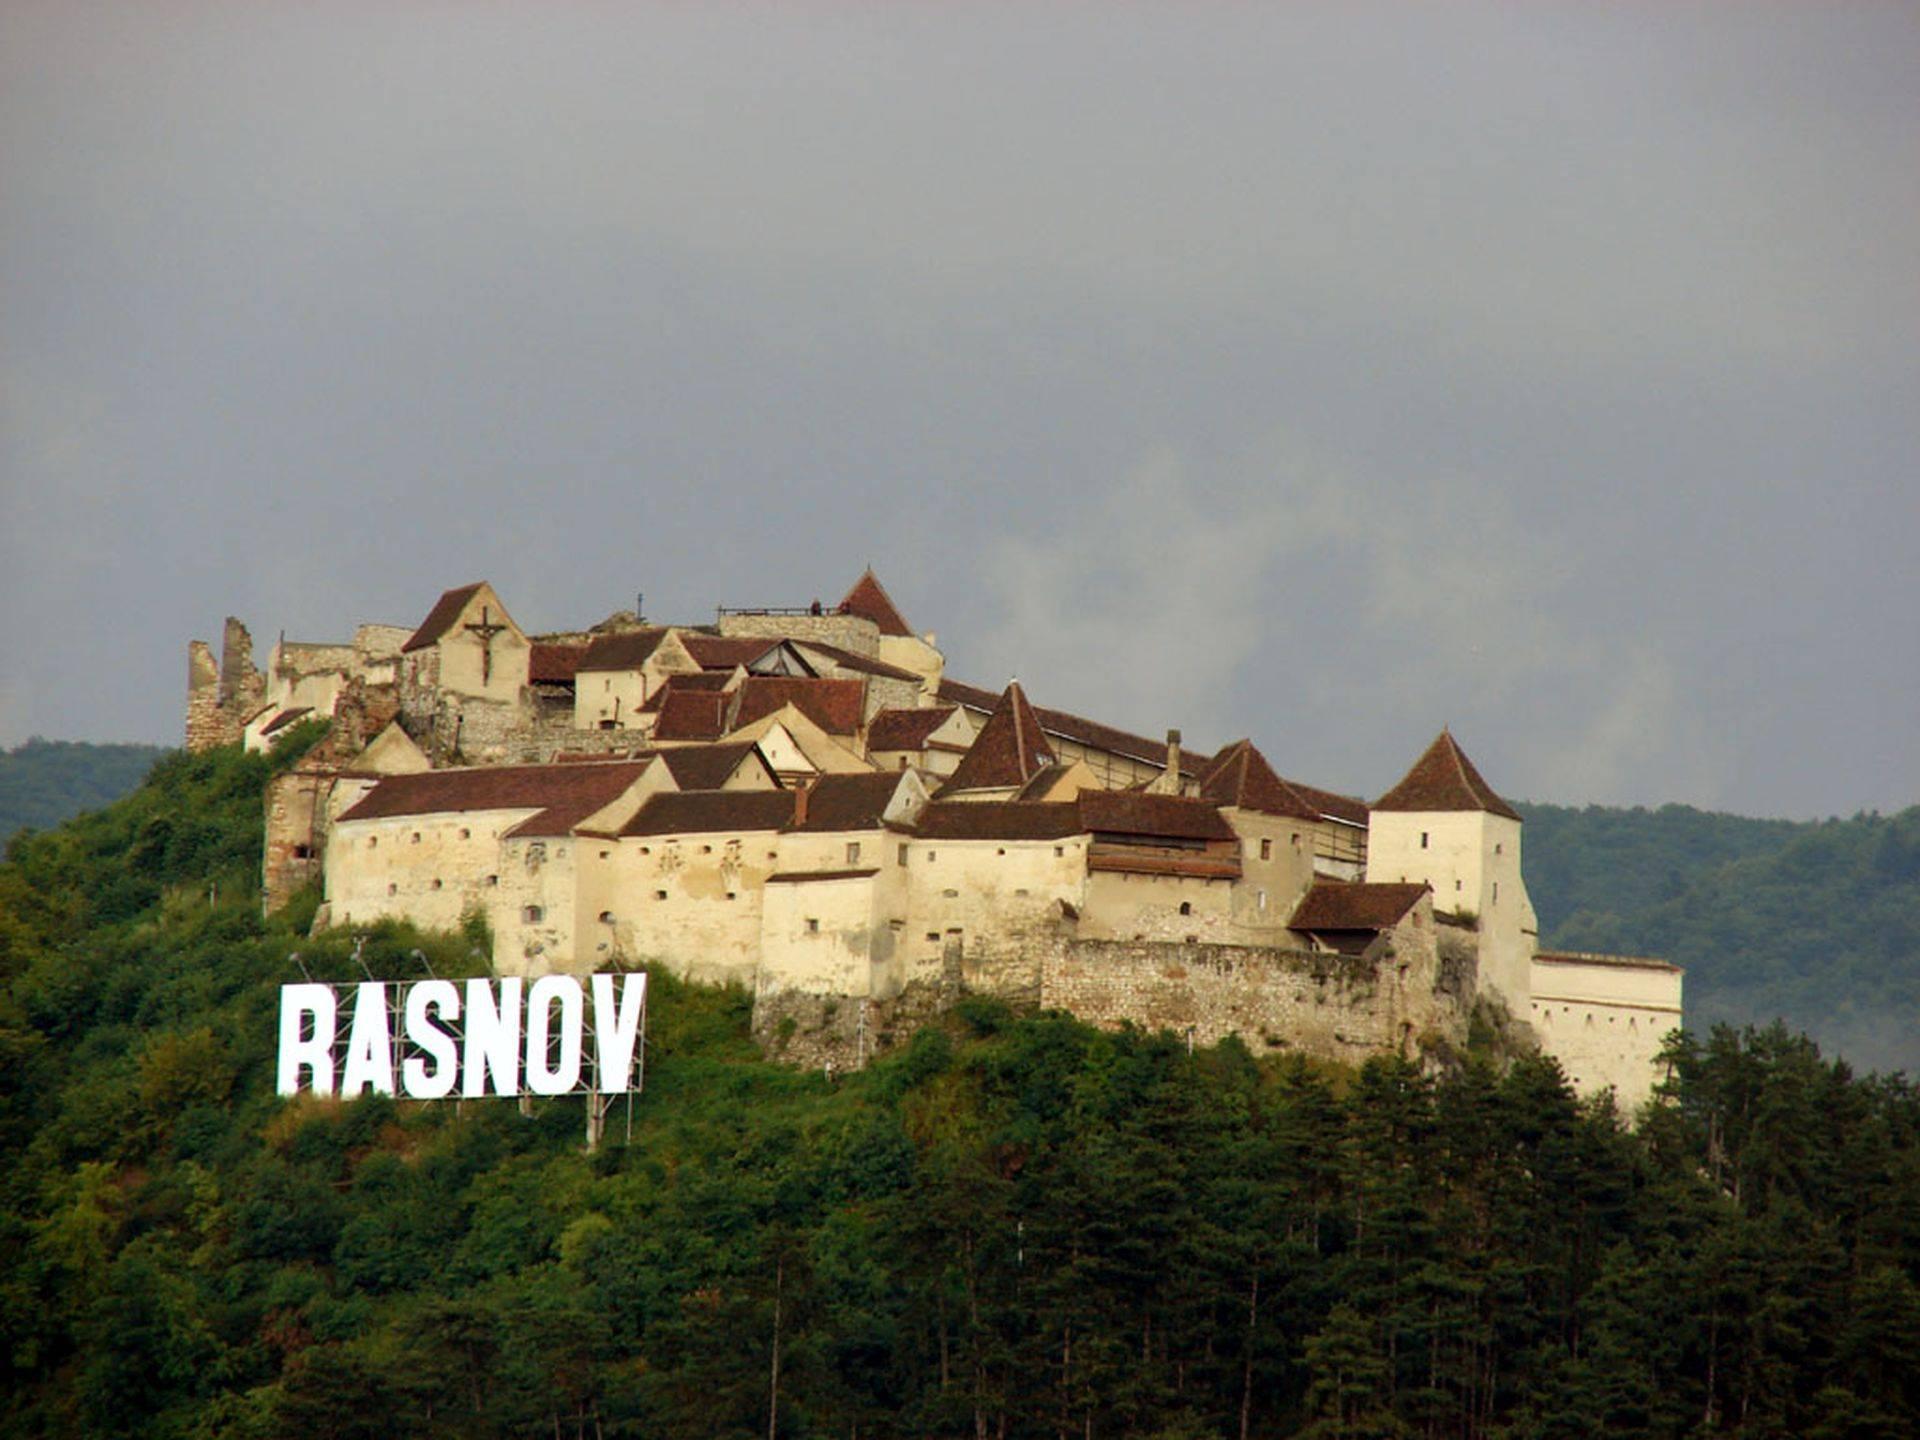 Peste 100 de persoane s-au îmbolnăvit în mod misterios la Râșnov. Poliția face cercetări